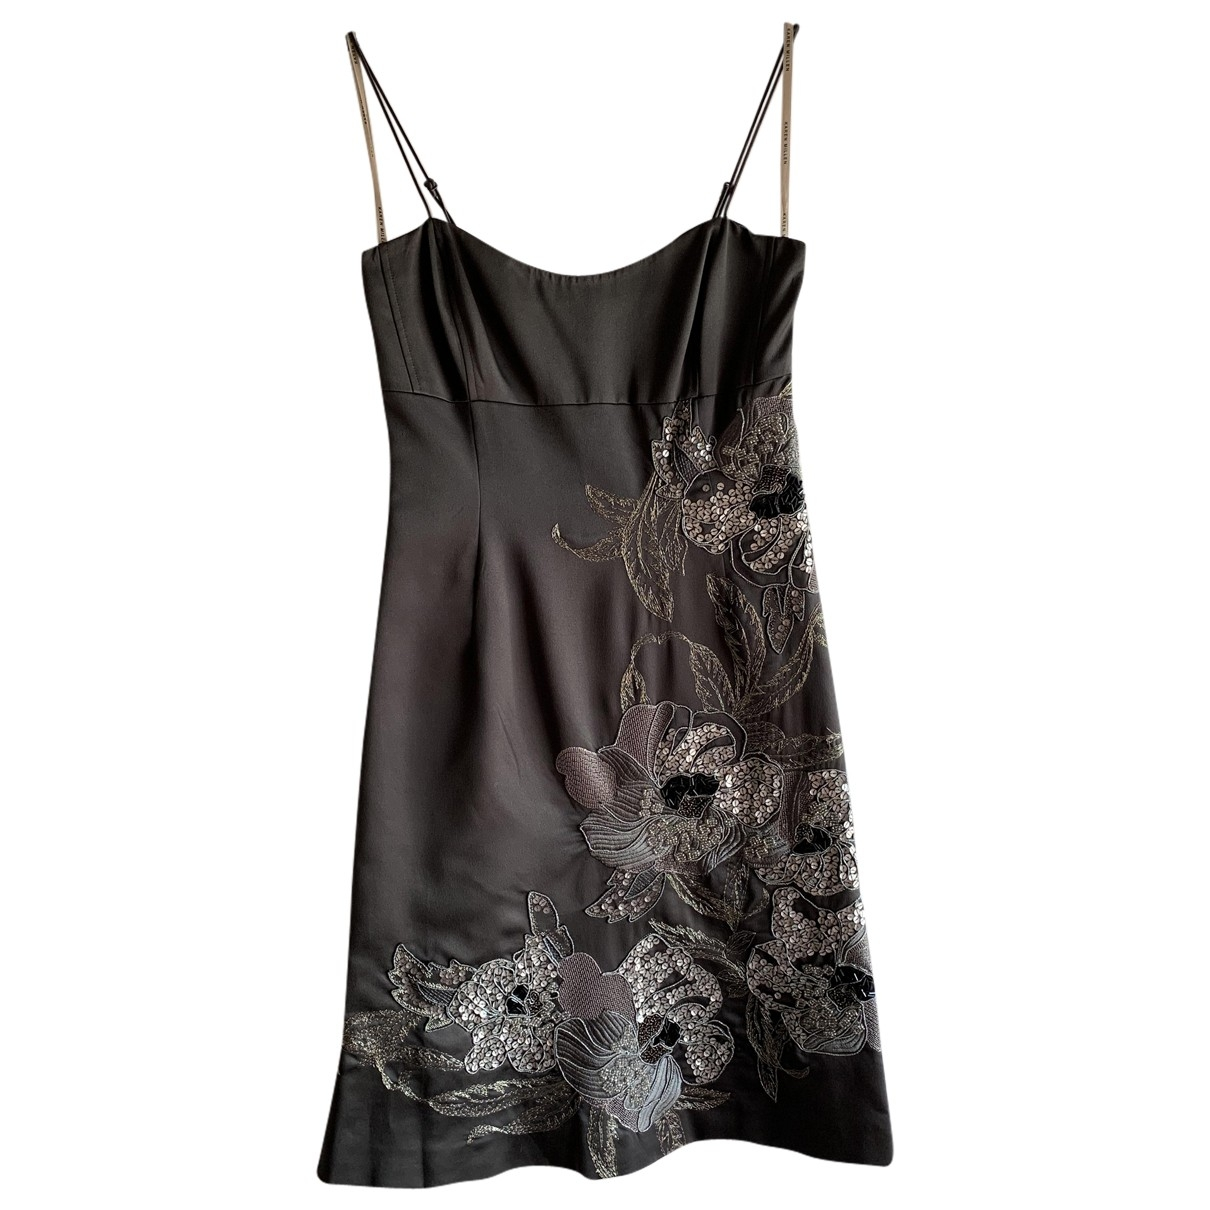 Karen Millen \N Kleid in  Grau Polyester